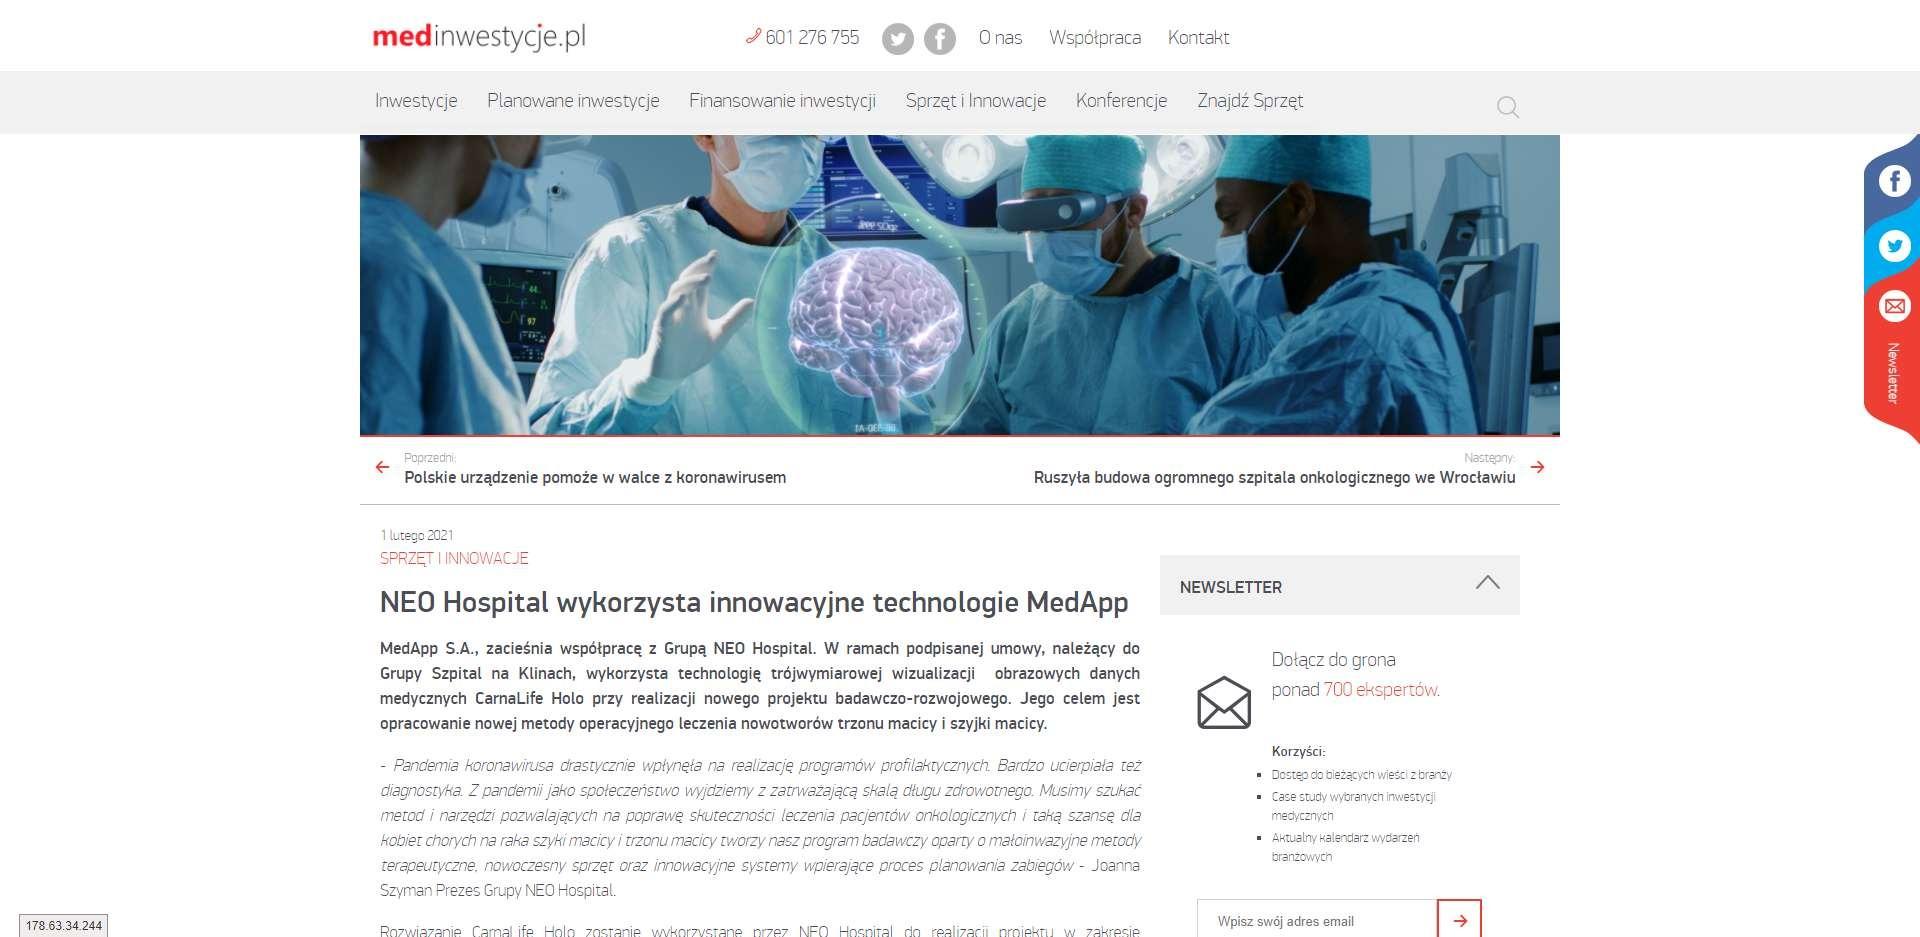 neo hospital wykorzysta innowacyjne technologie medapp